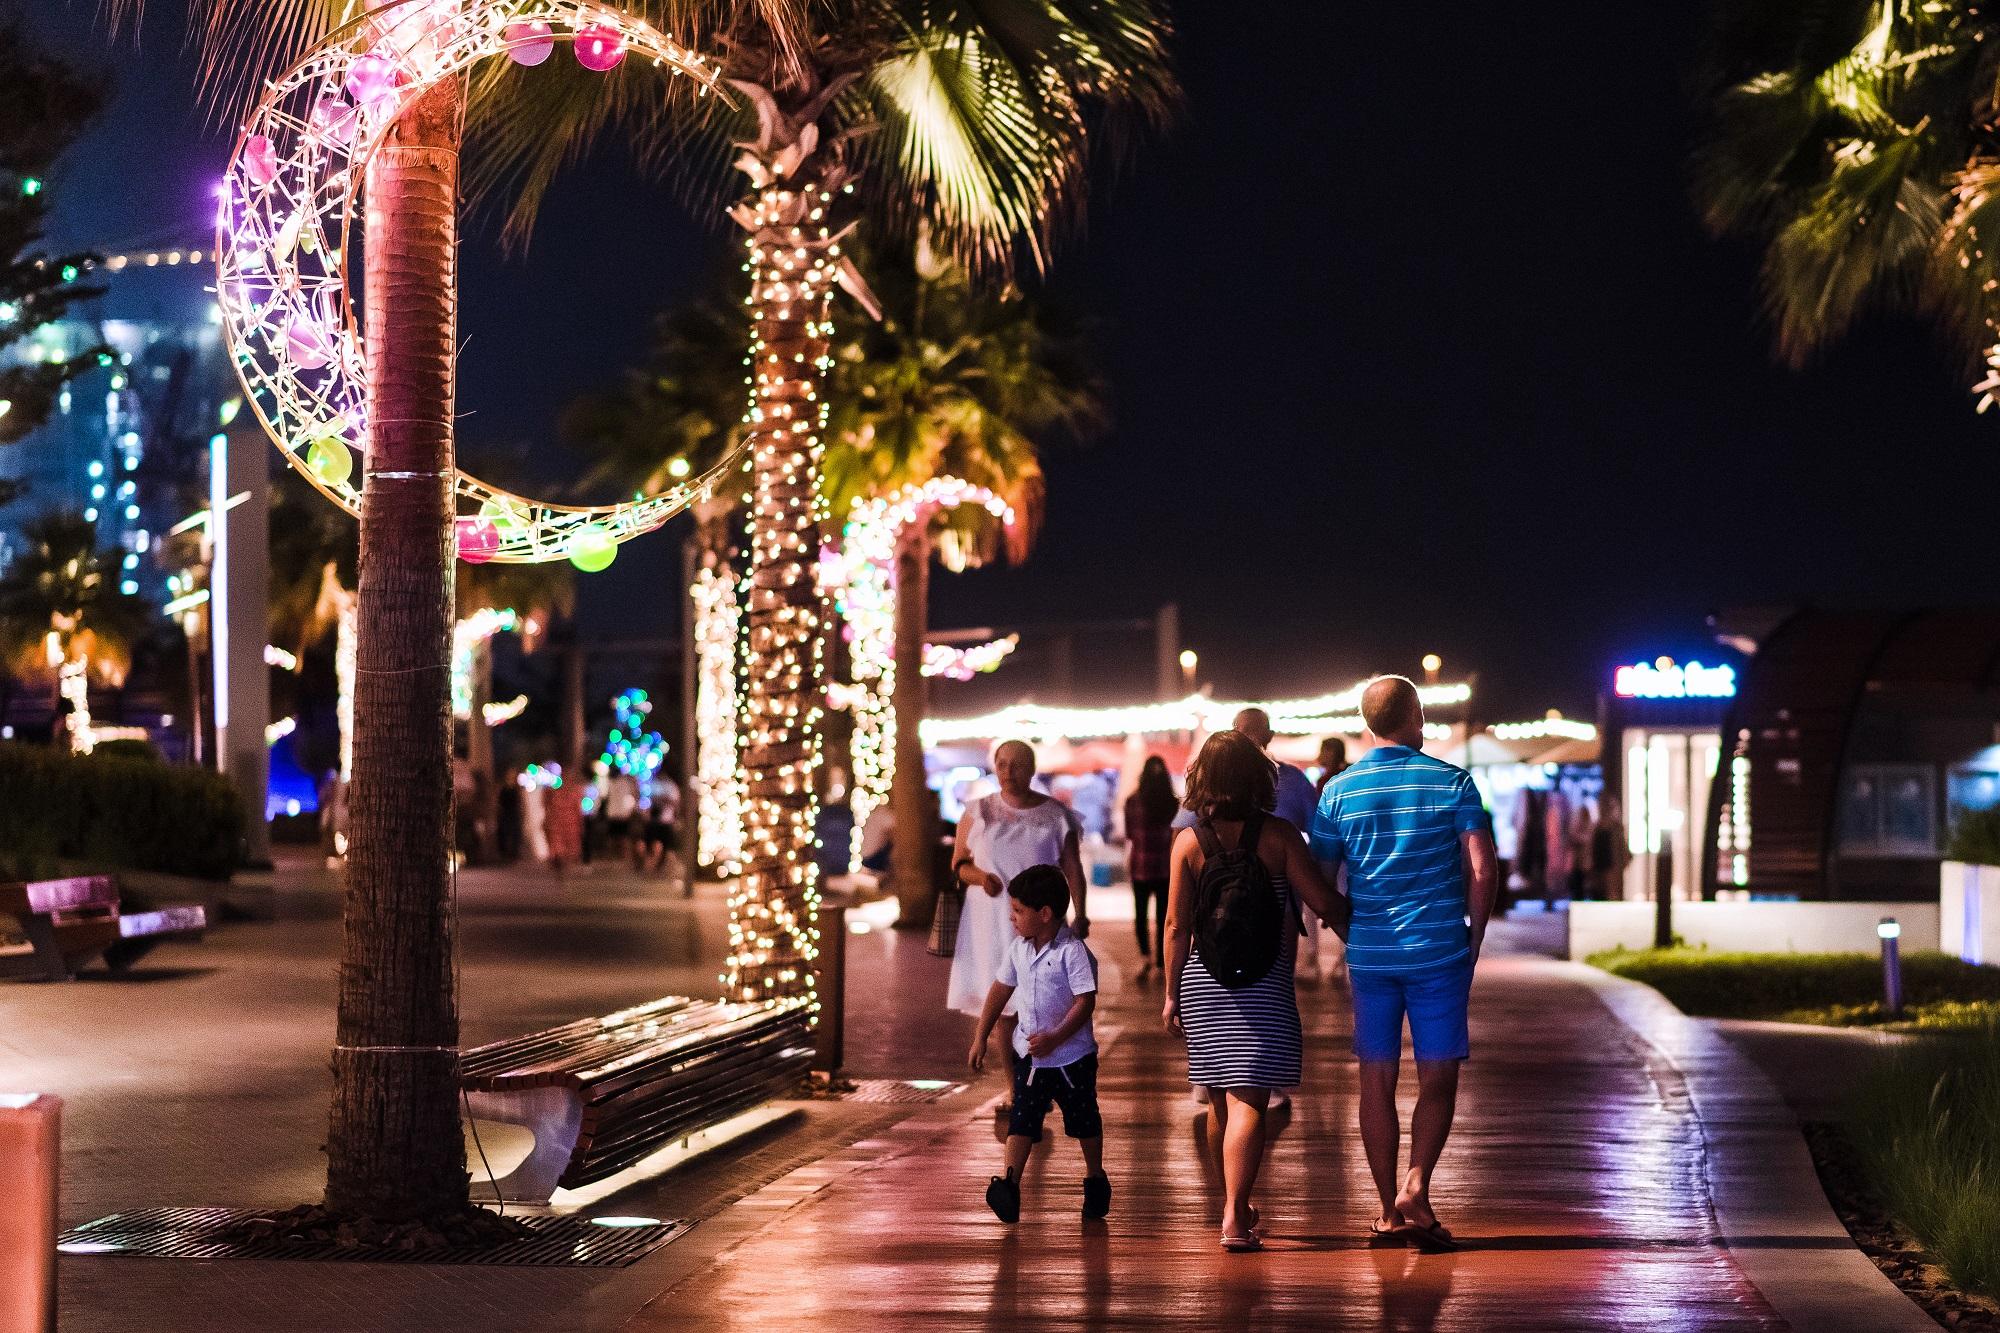 عروض الإفطار والسحور والتسوق في وجهات مراس خلال رمضان 2019